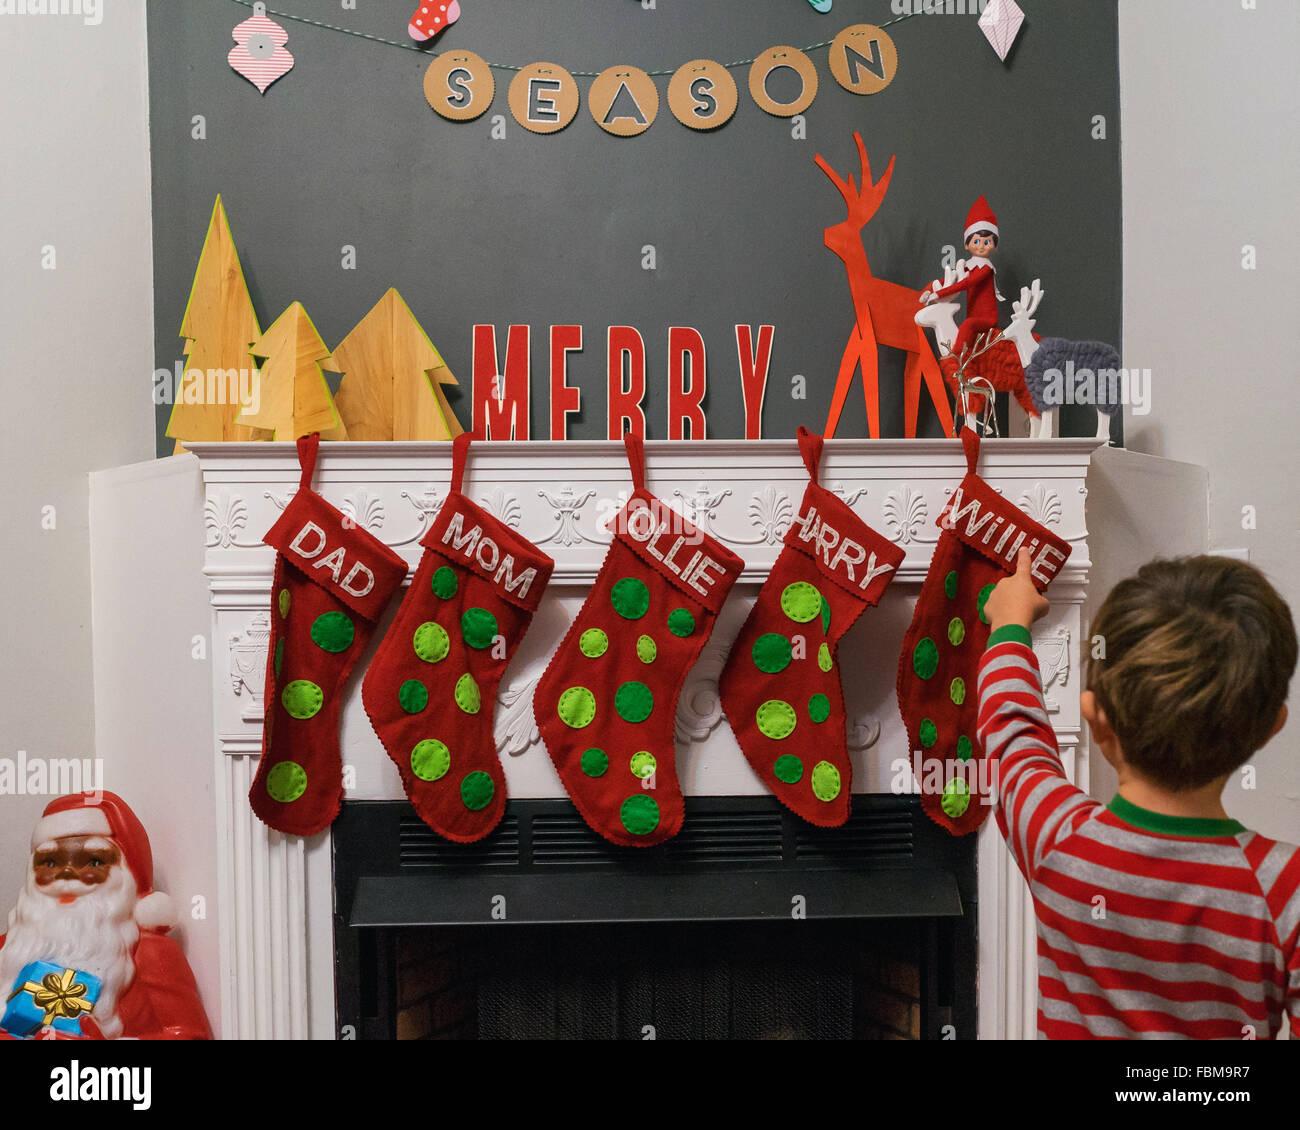 stockings stock photos u0026 stockings stock images alamy